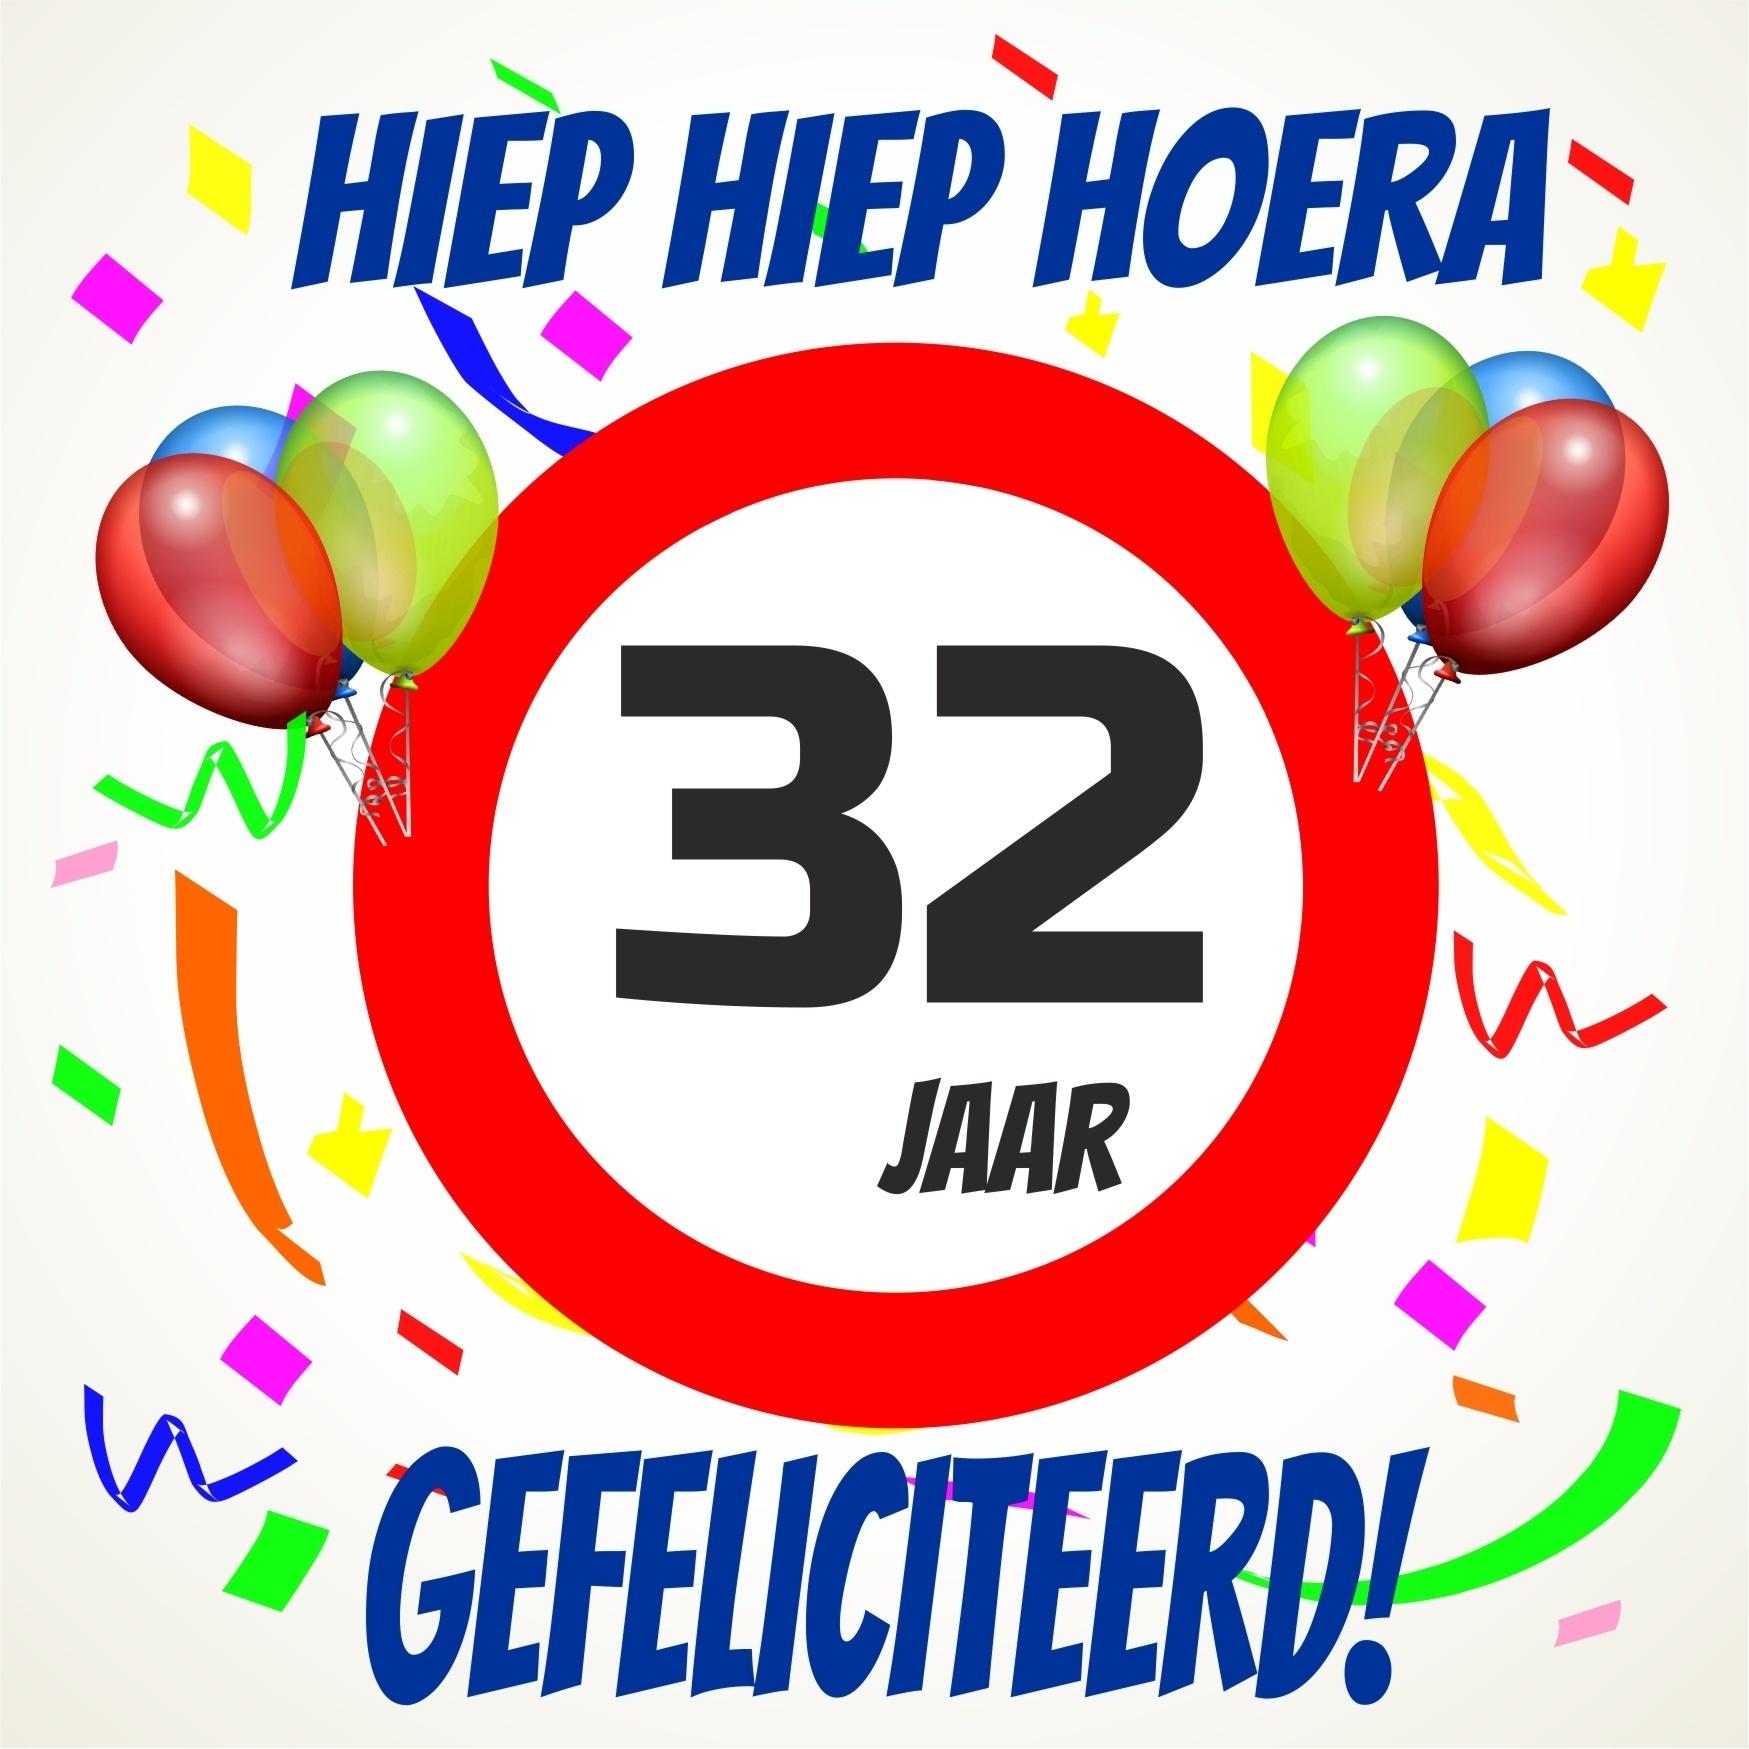 gefeliciteerd 32 jaar 32 Jaar Gefeliciteerd   ARCHIDEV gefeliciteerd 32 jaar